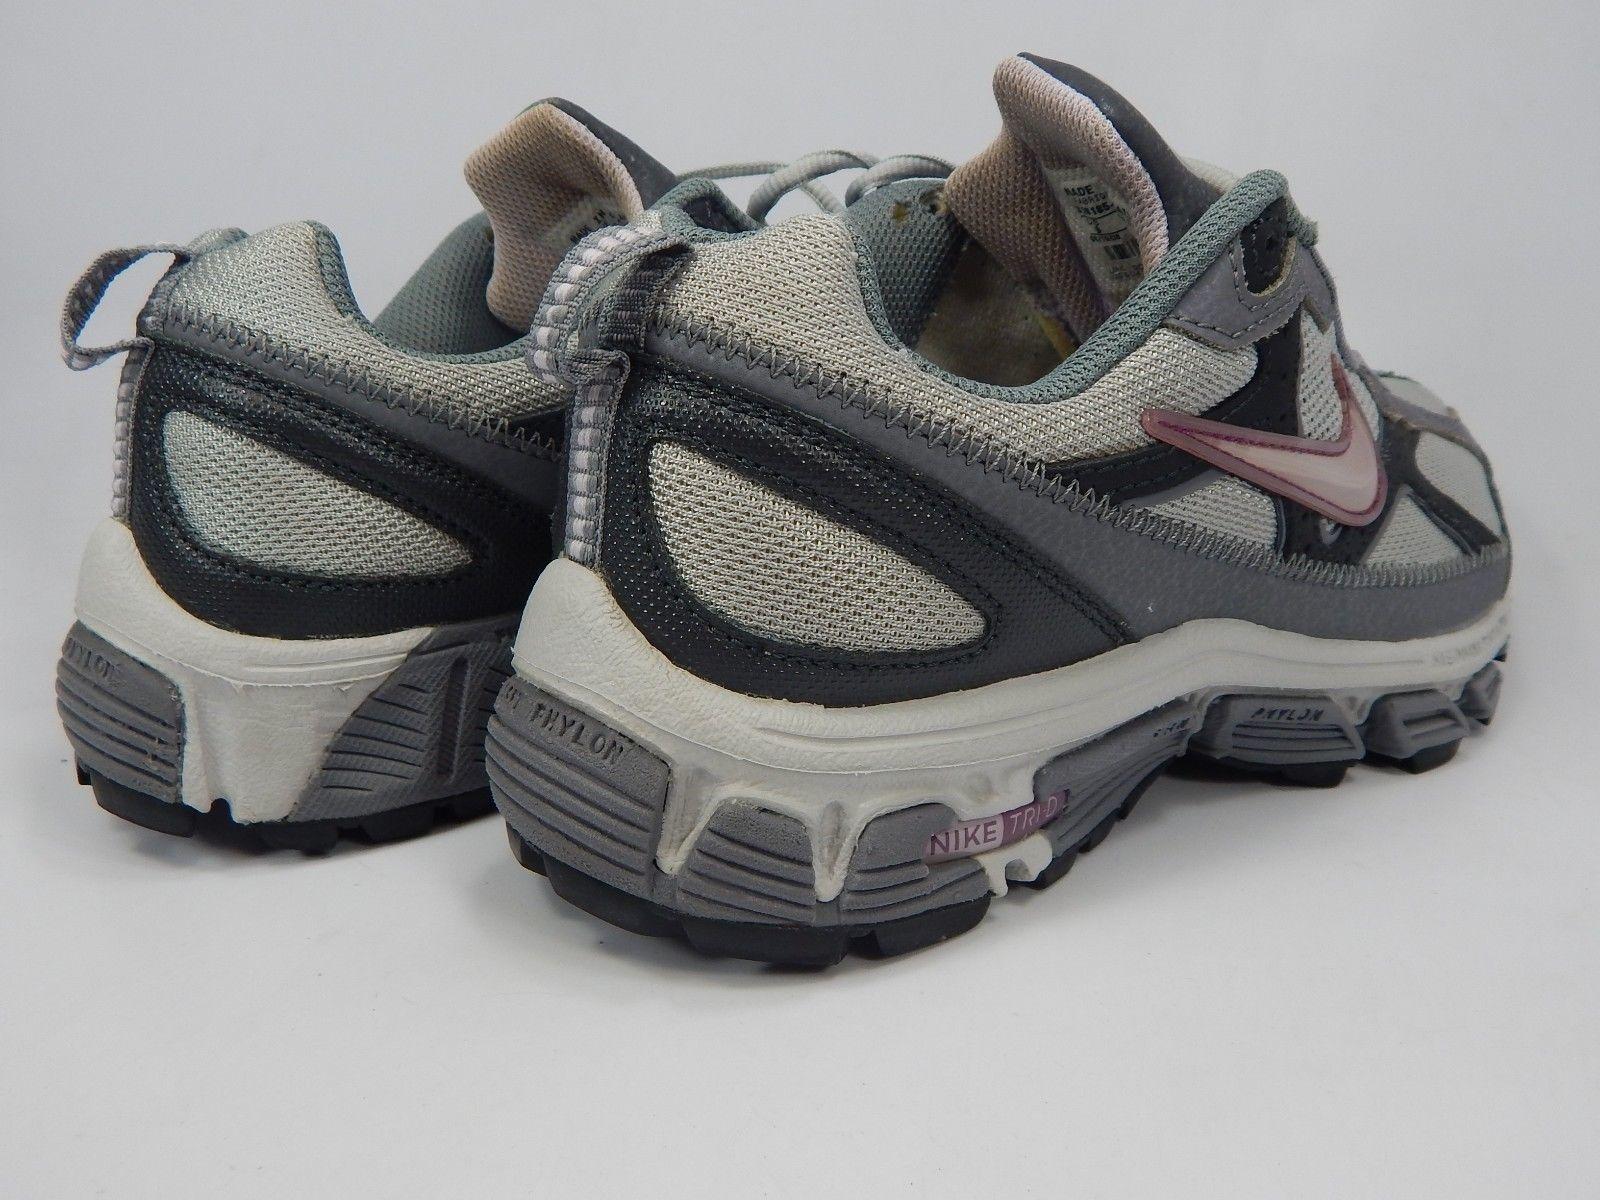 Nike Trail Running Tri-D Size 9 M (B) EU 40.5 Women's Shoes Gray 318185-051